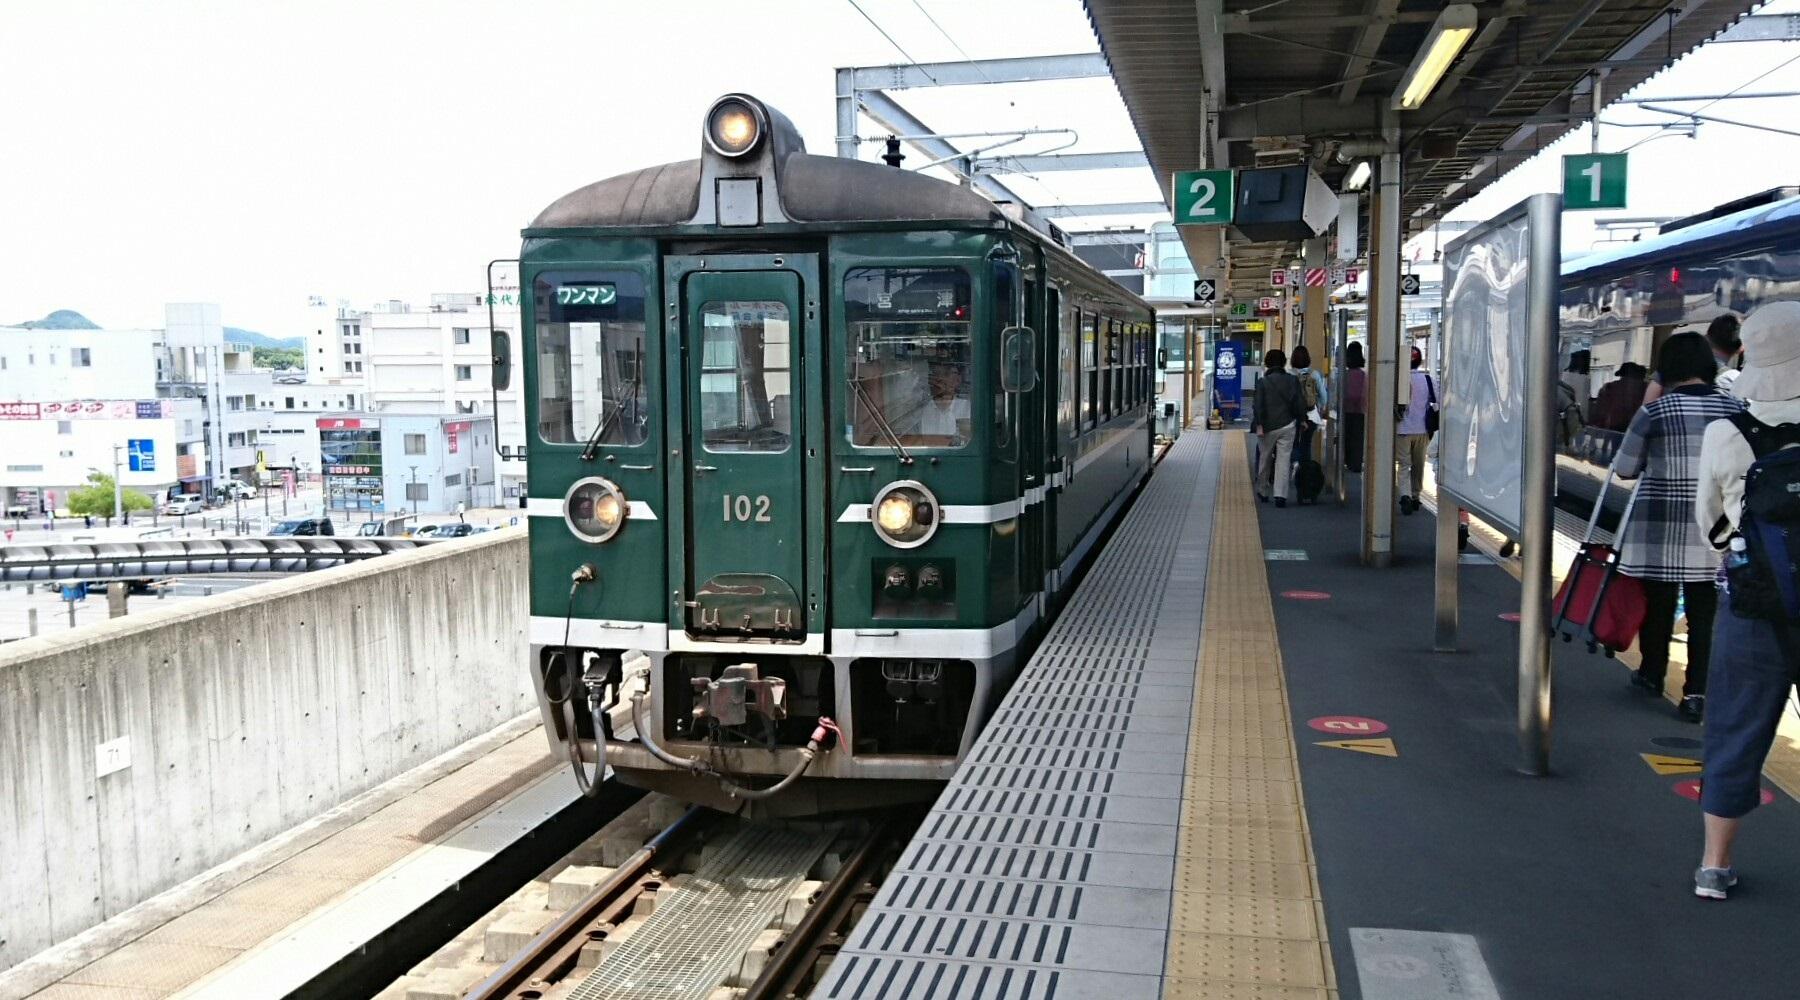 2017.6.4 天橋立 (115) 福知山 - 京都丹后鉄道列車 1800-1000